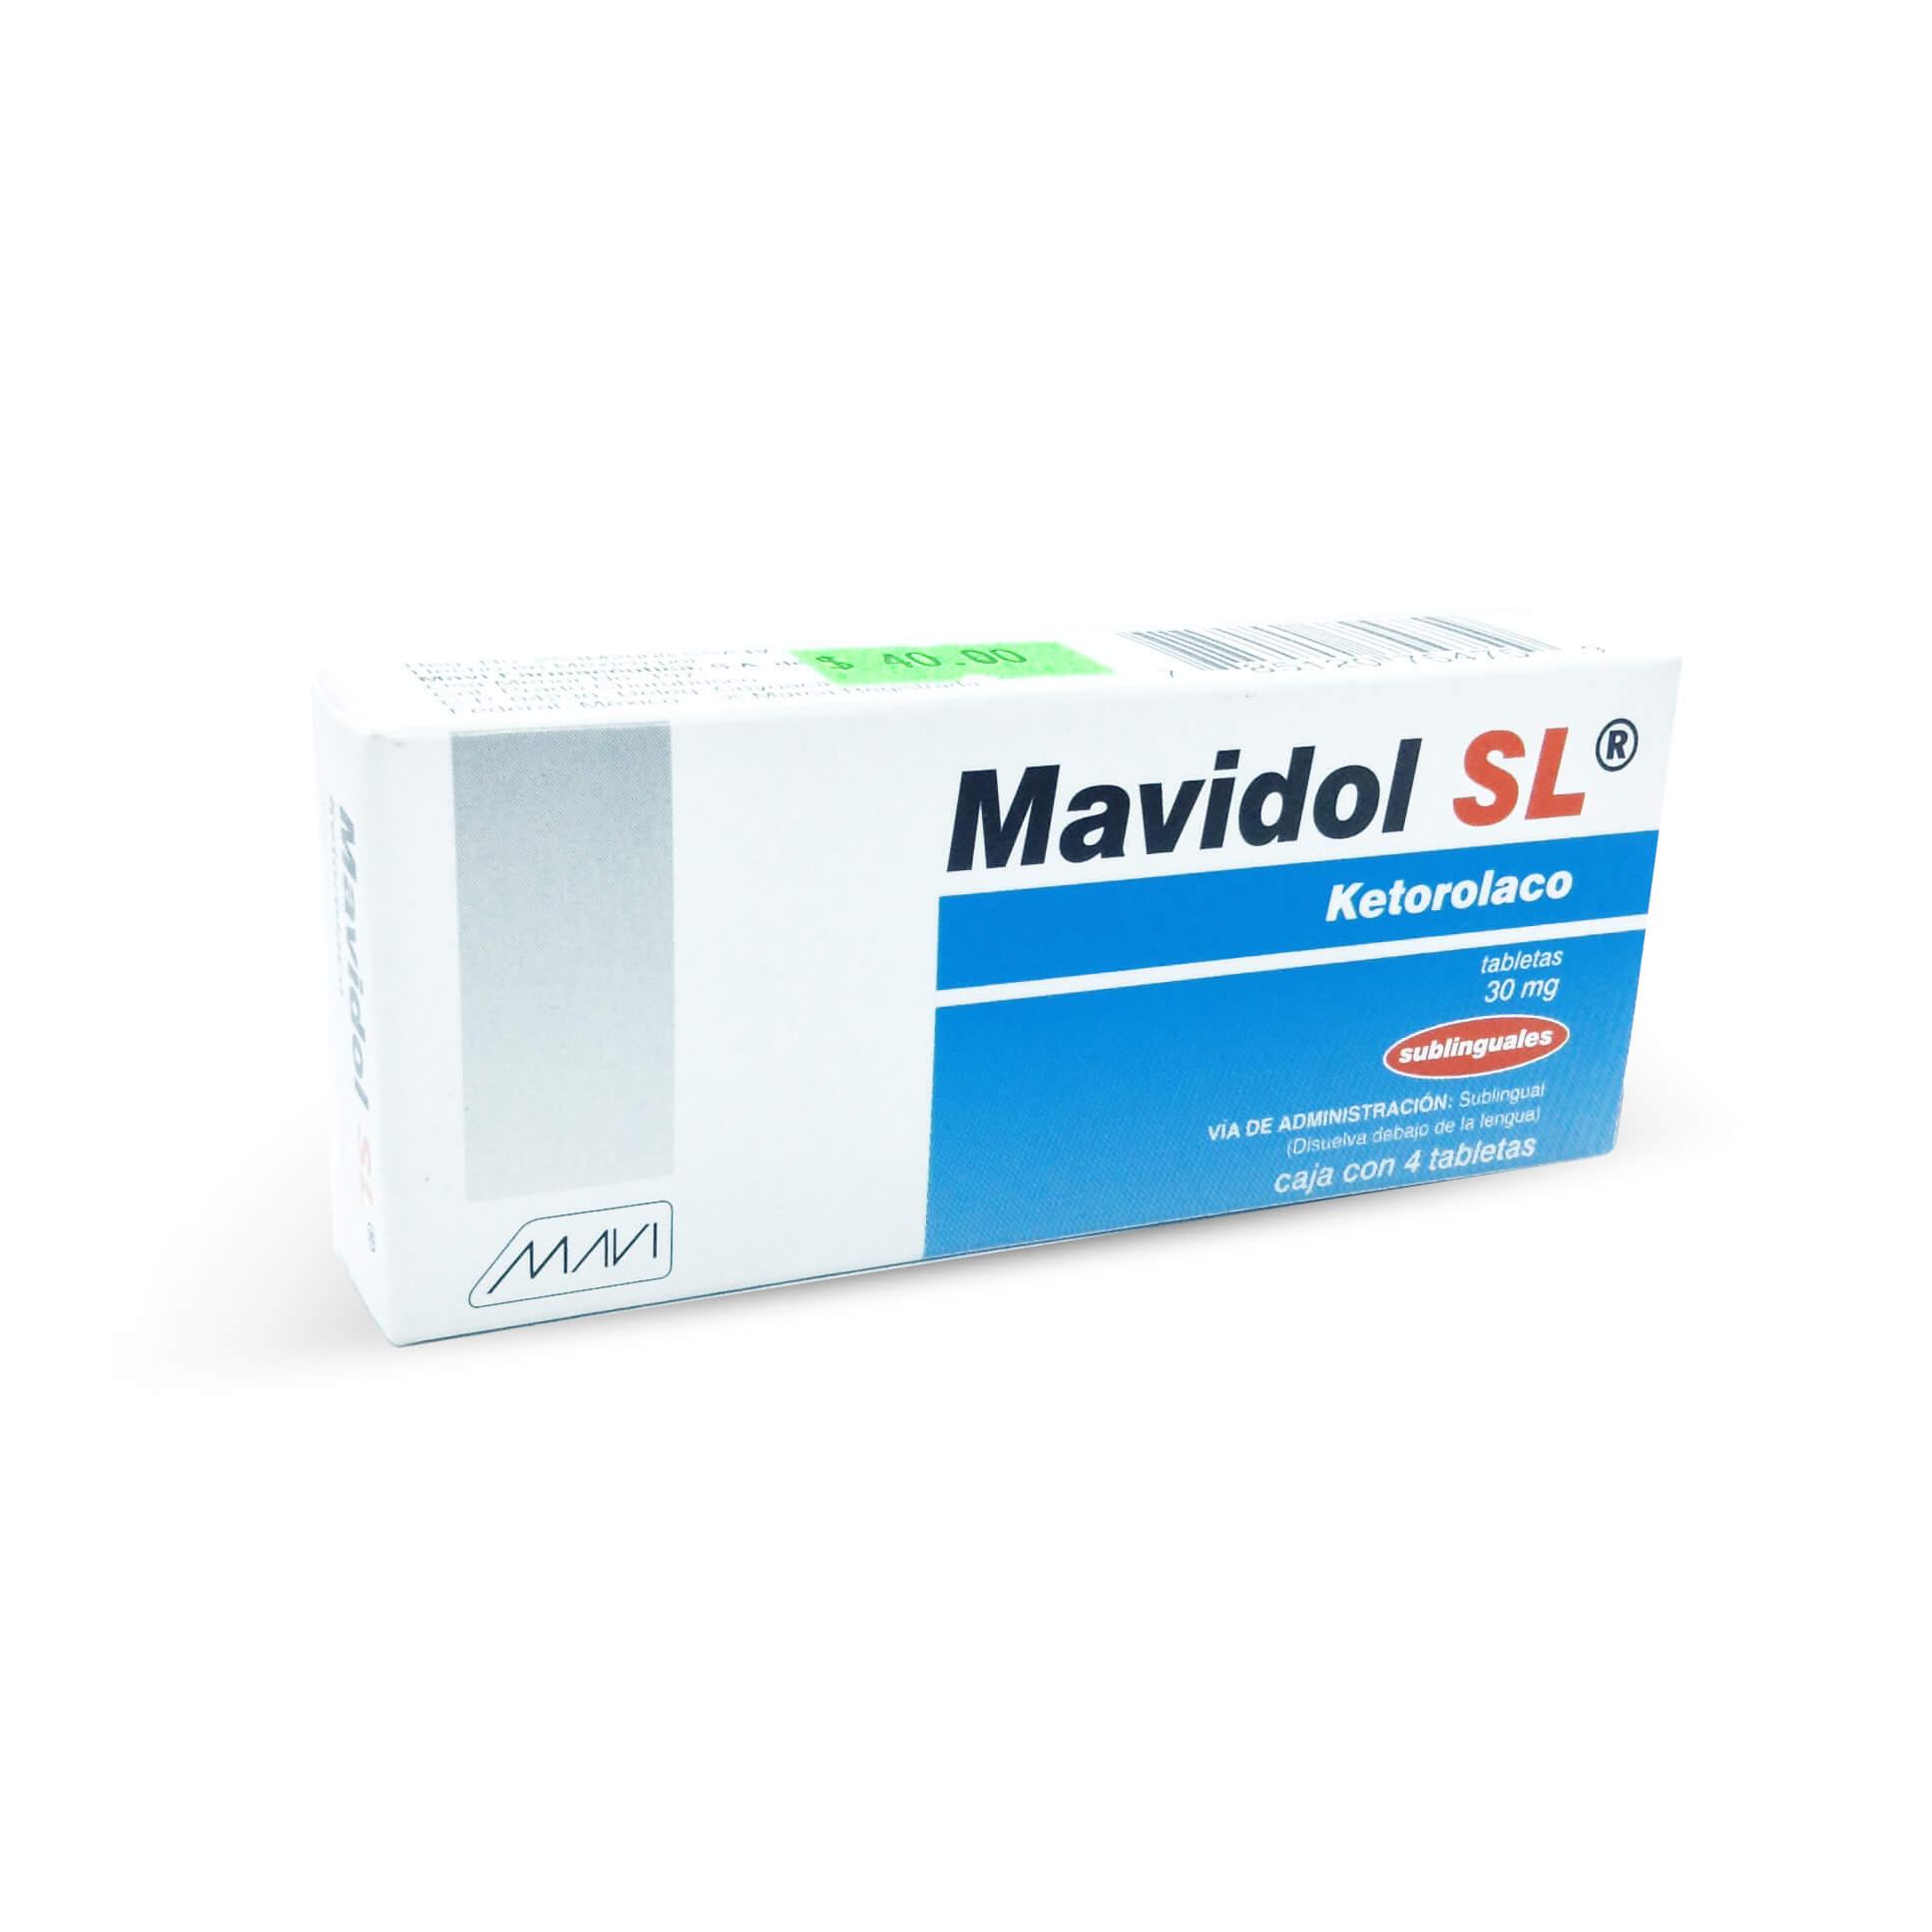 Mavidol SL